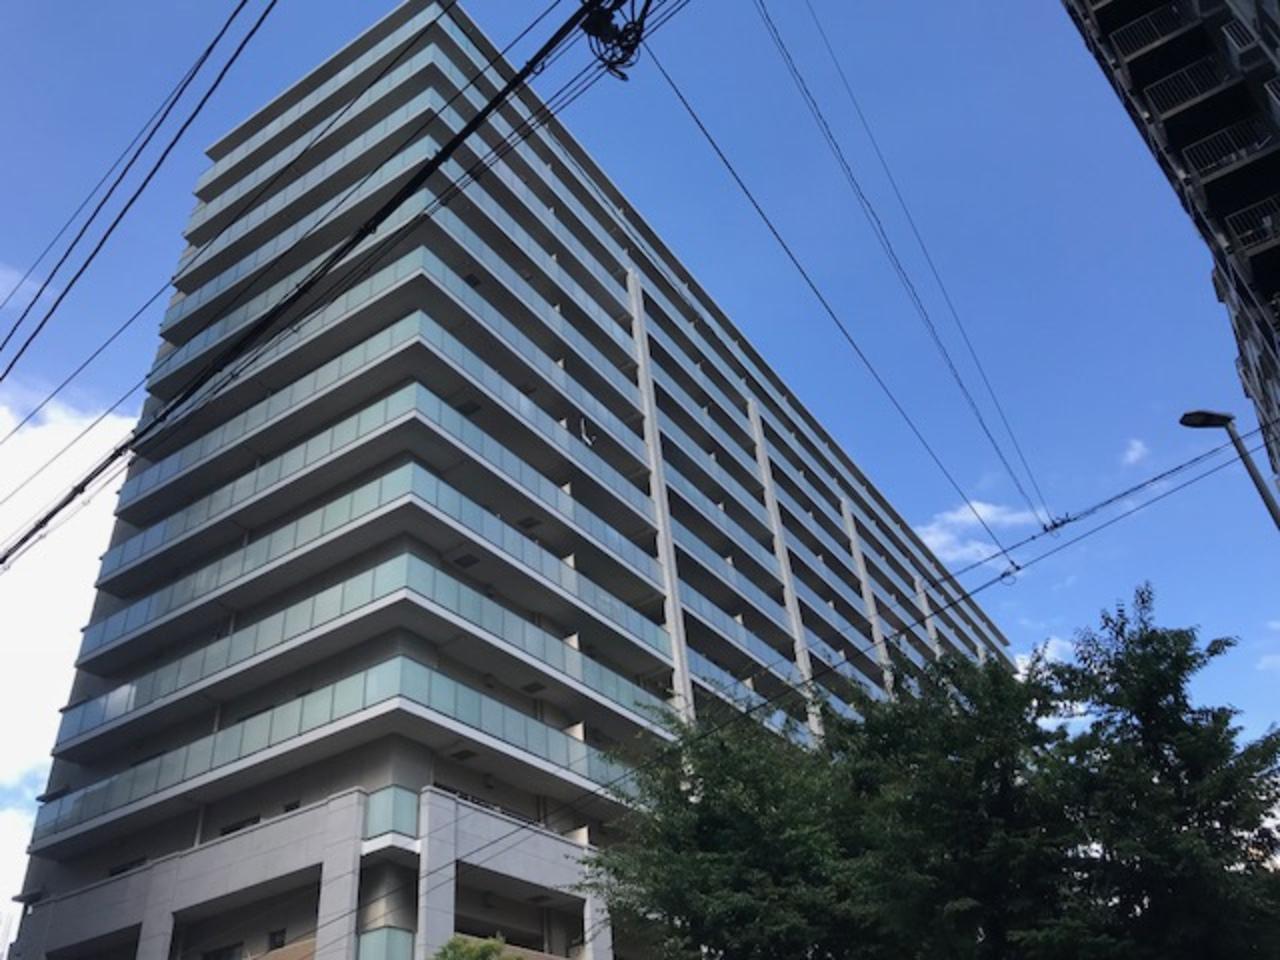 【新着物件情報】プレミスト神戸ハーバーレジデンス15階4,650万円